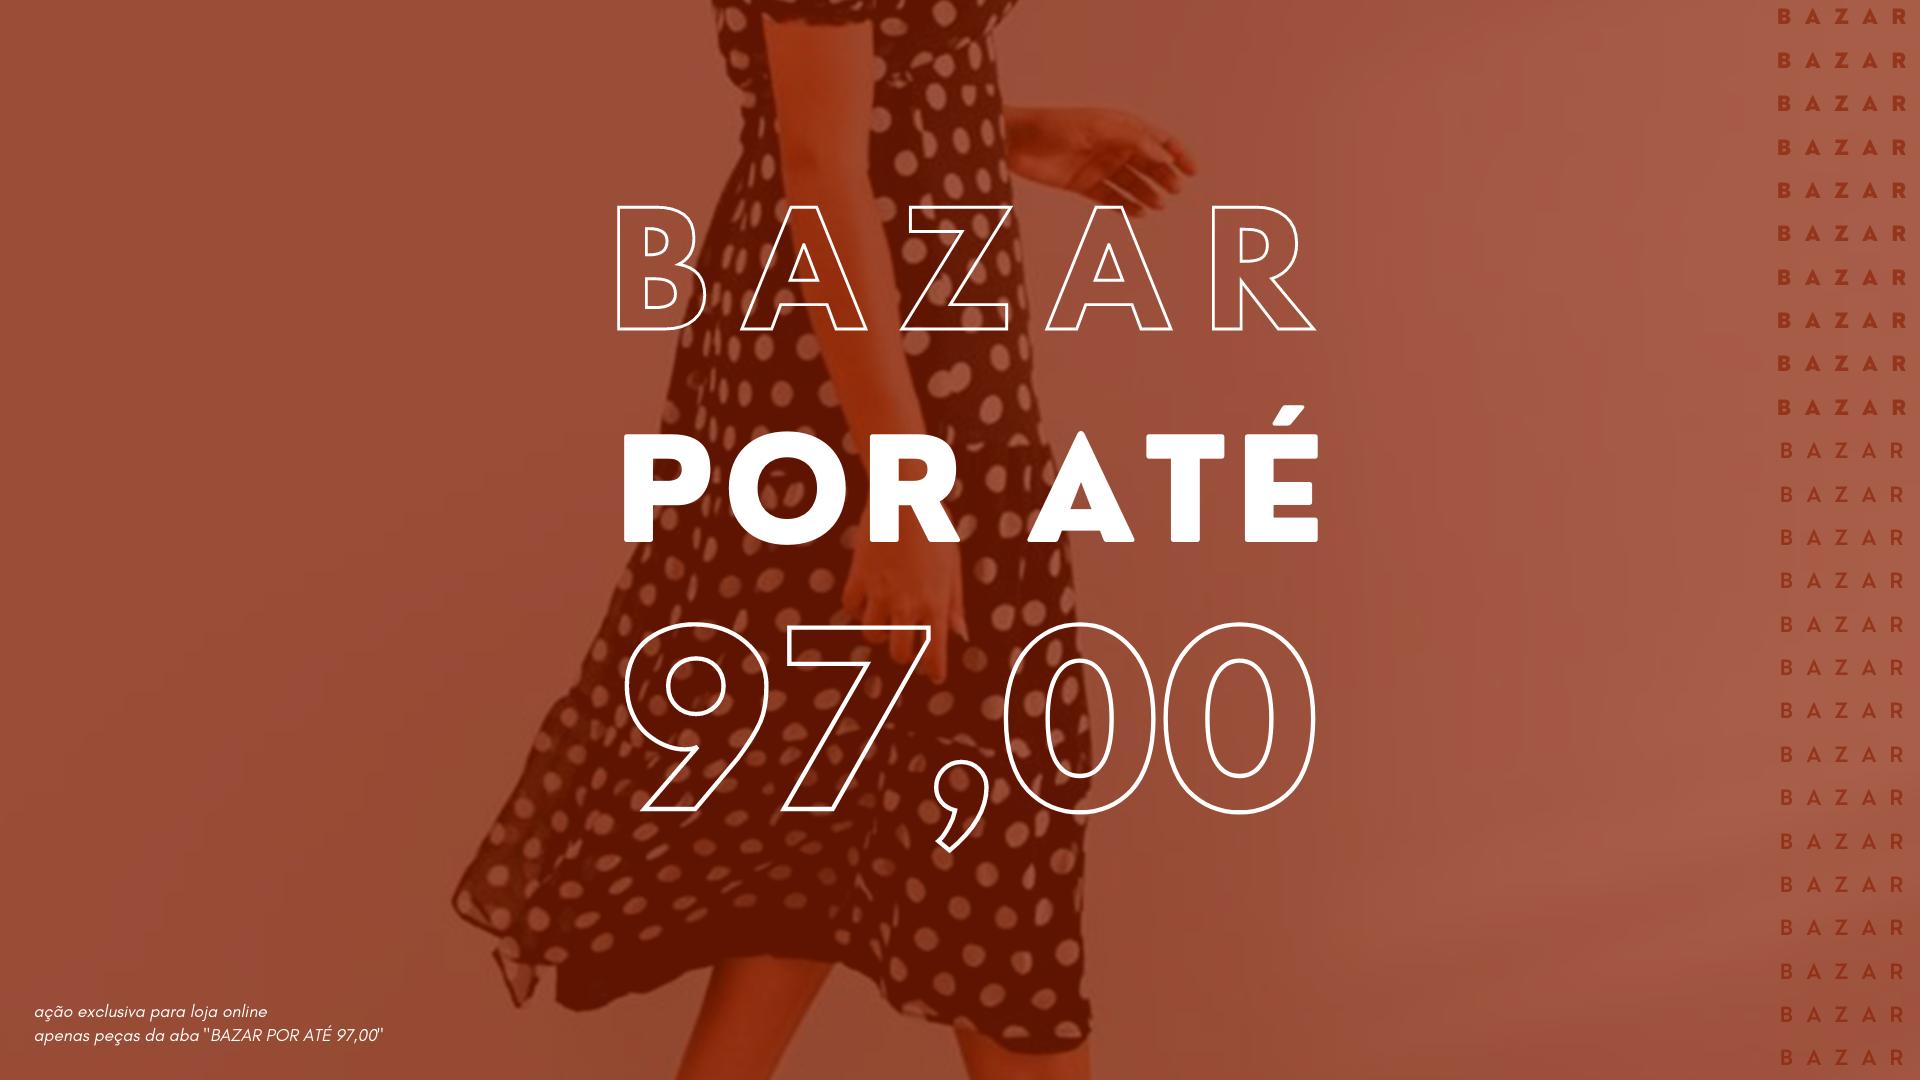 bazar 97